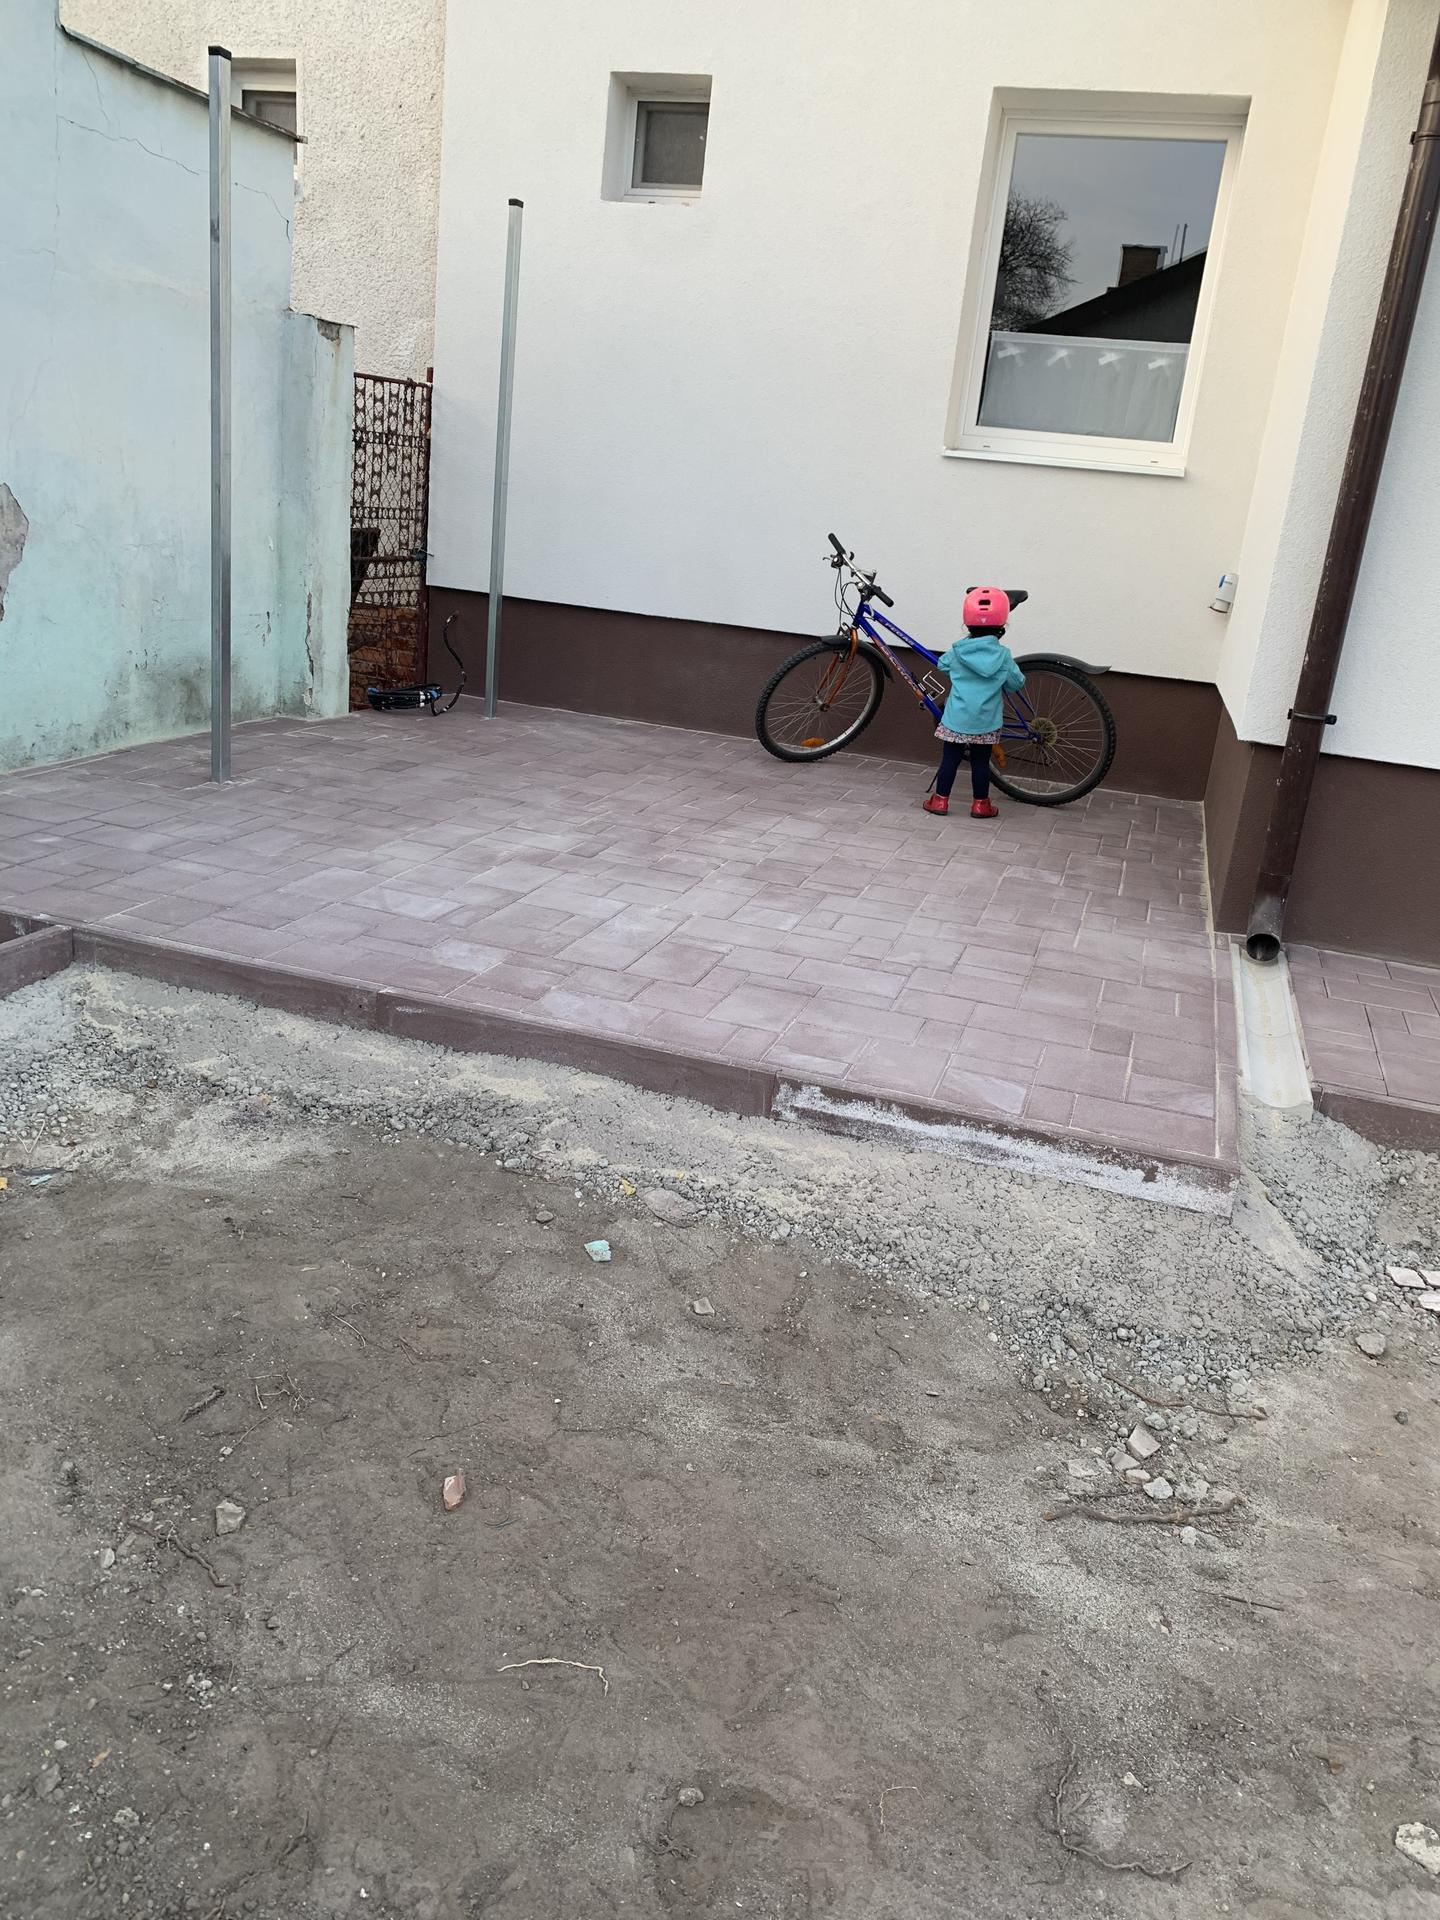 ♥️ Náš budúci domov ♥️ - zamkova dokoncena 8-)